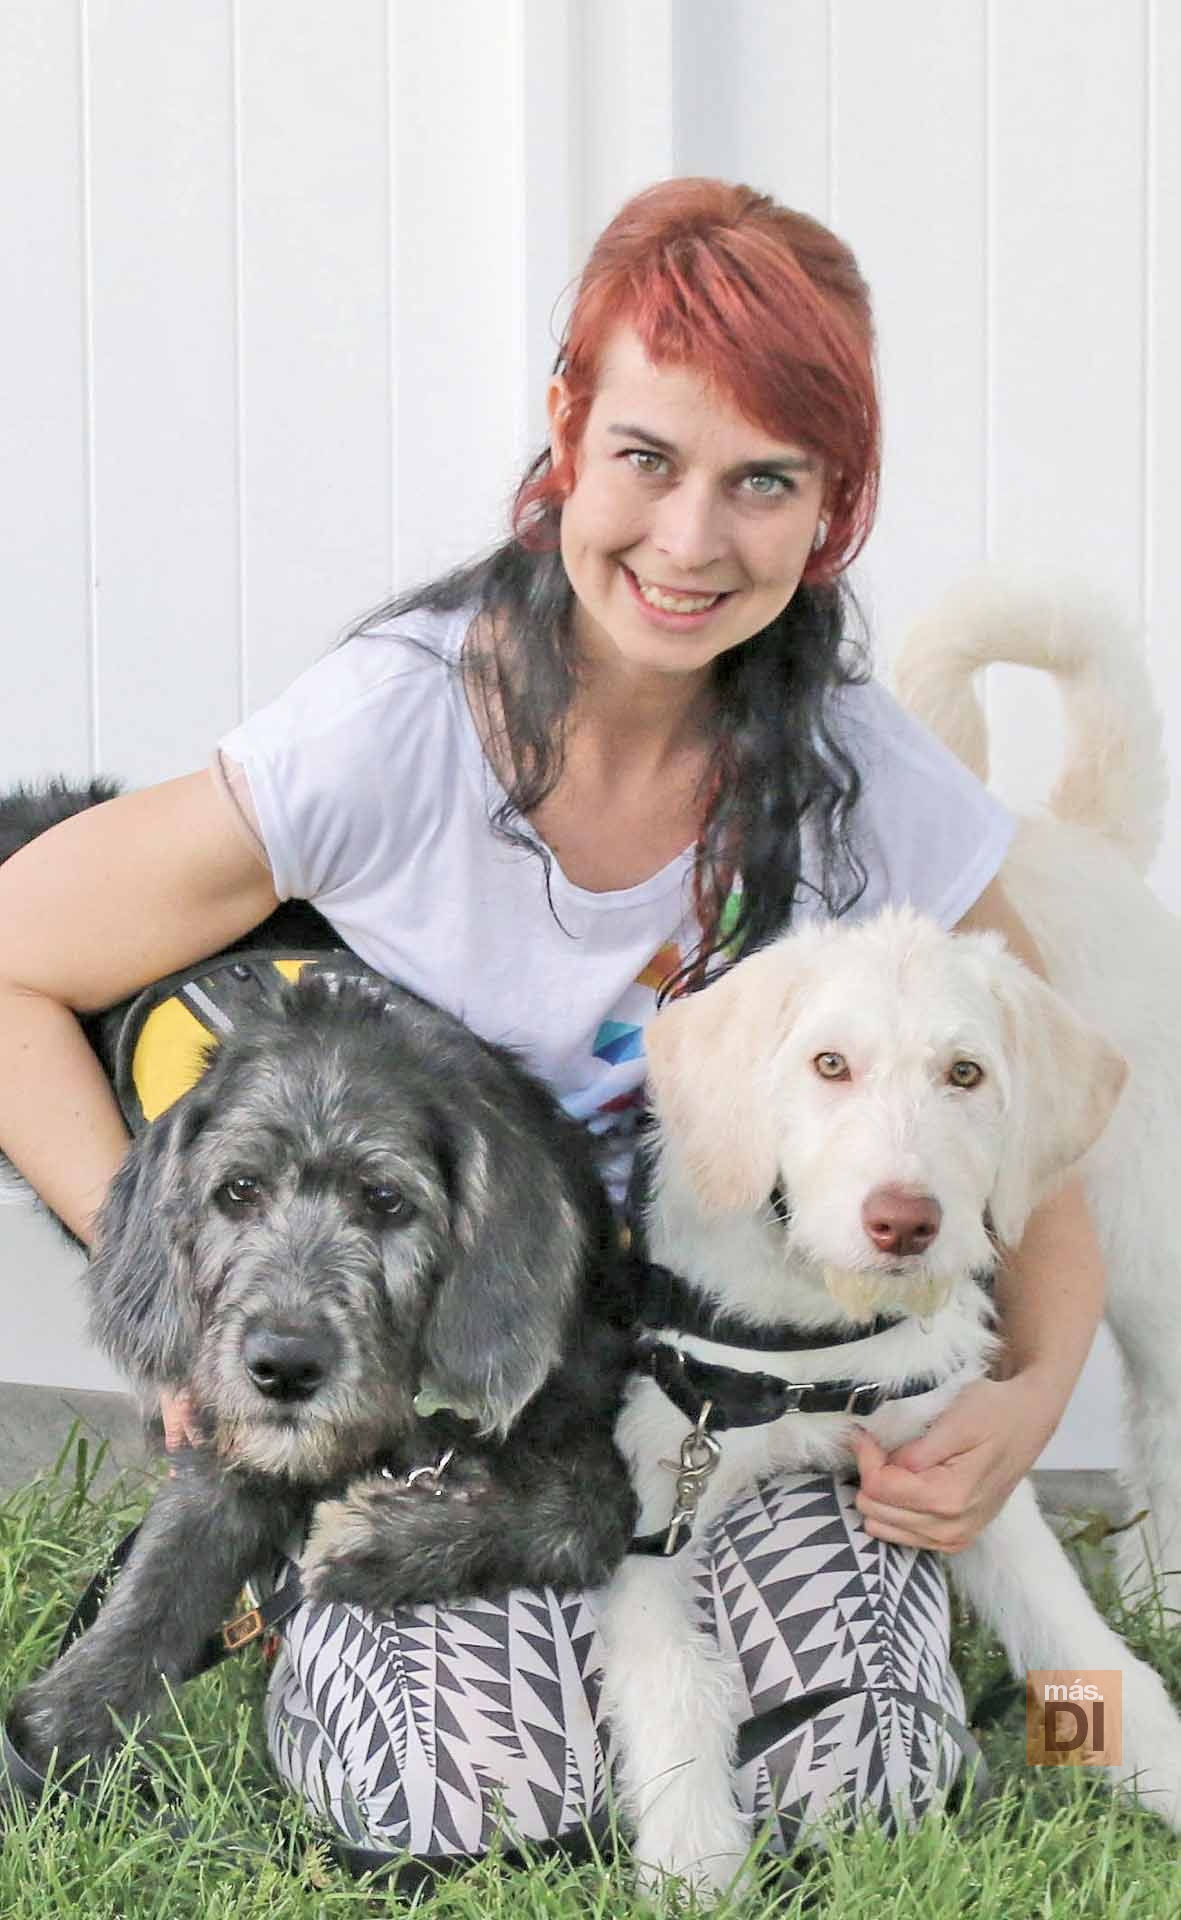 Dora, adiestradora de perros en alerta médica